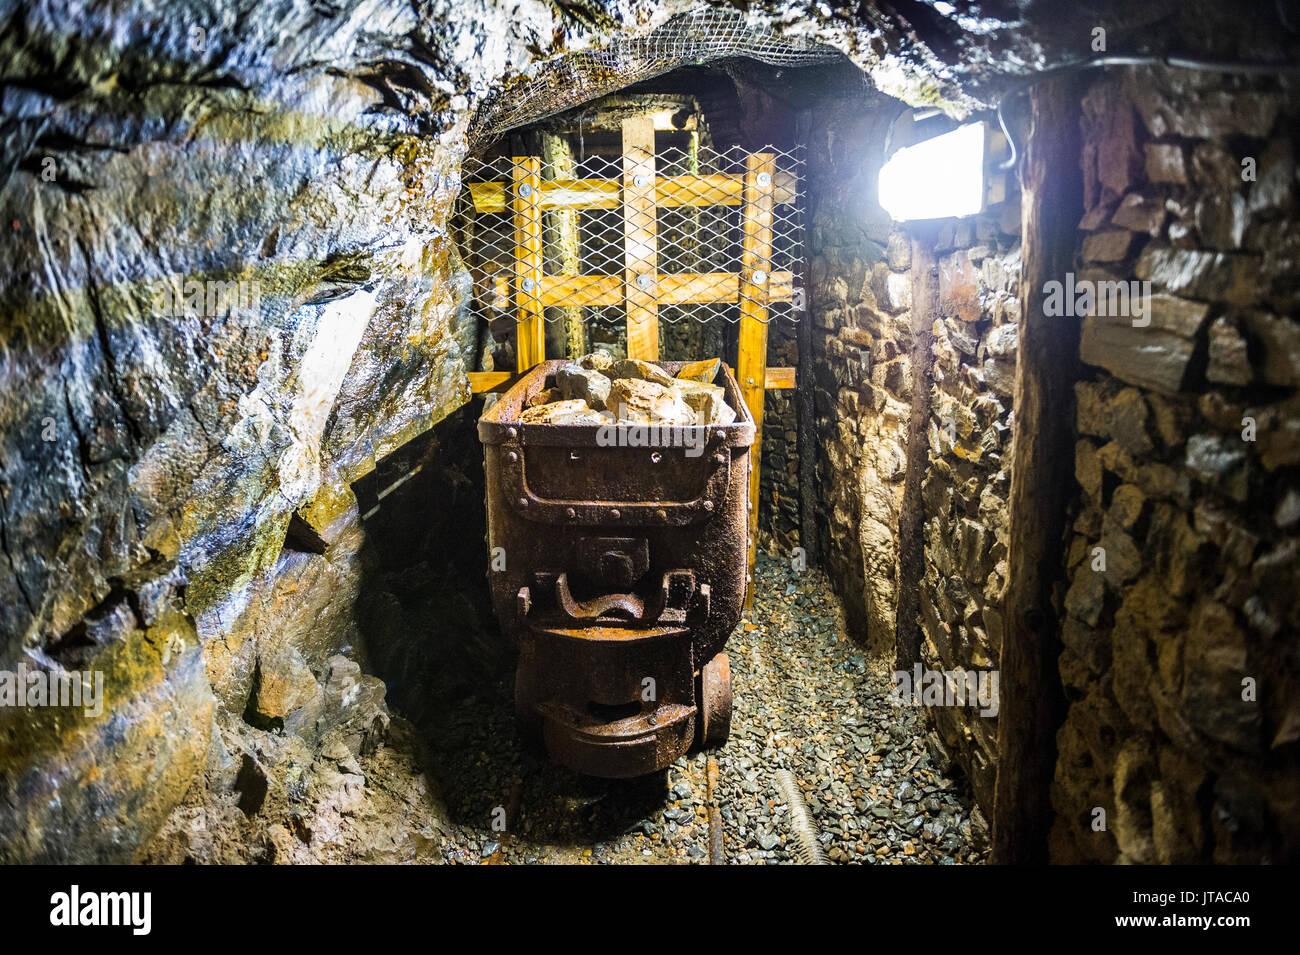 Derrière l'arbre de la mine la grande roue de Laxey, Île de Man, dépendance de la couronne du Royaume-Uni, de l'Europe Photo Stock